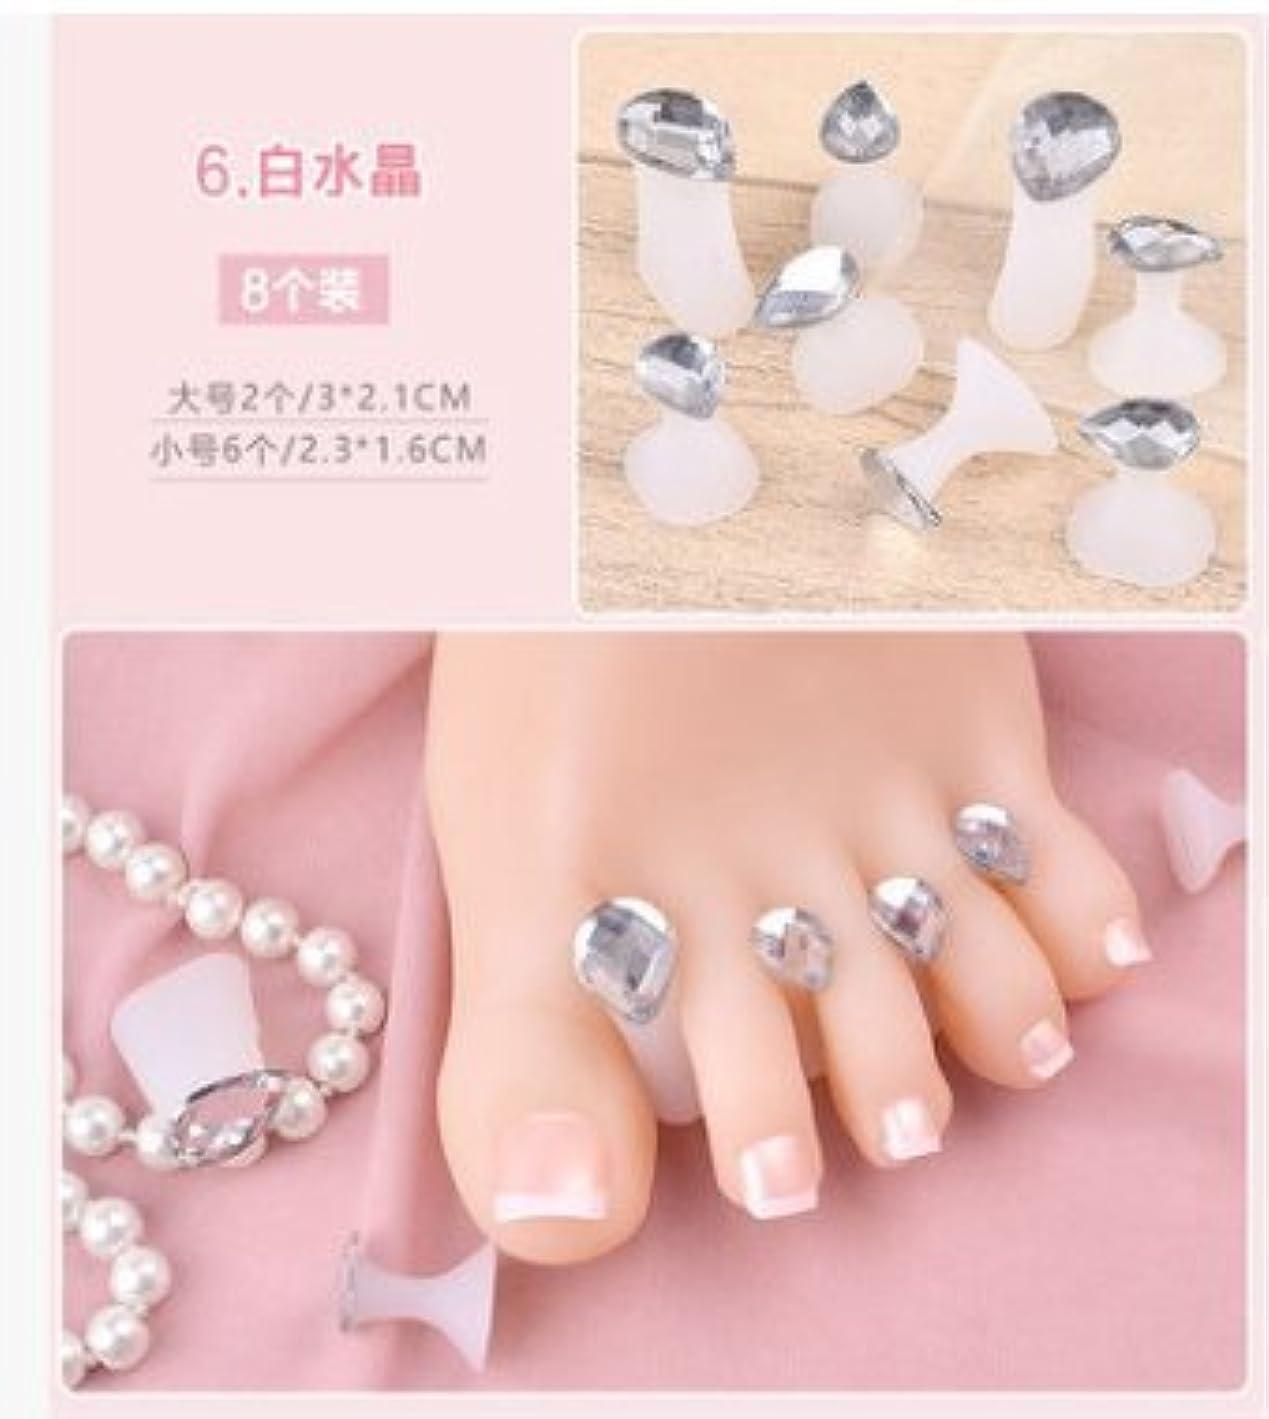 導出どんなときも寝具足指衝撃ストッパー 日本式 爪先シリコーンスプリッター デイジードや雫ロップドリル つま先区切り マニキュアツール トウセパレーター 柔らかゲルでやさしくサポート 足指 パッド